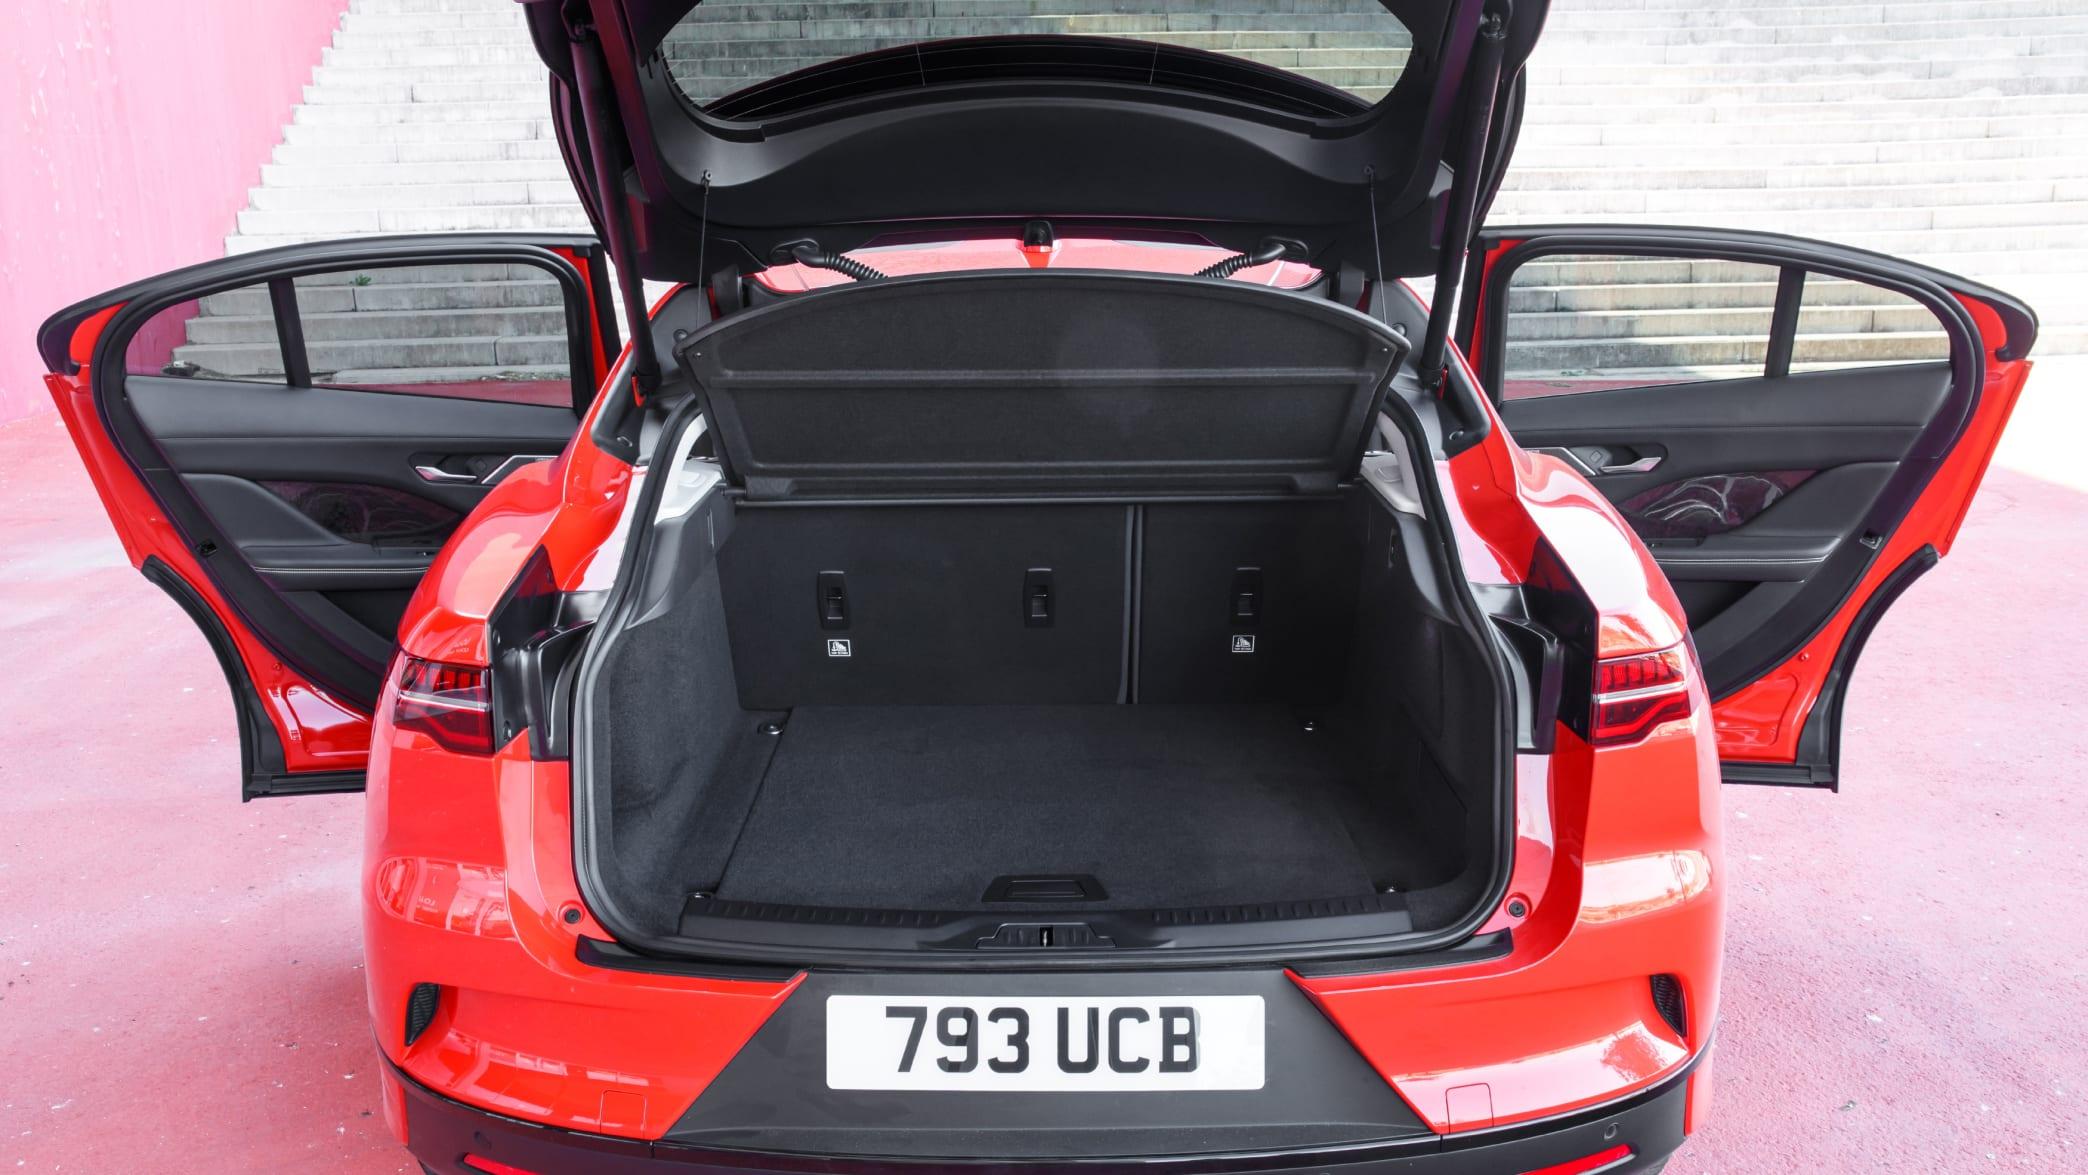 Kofferraum eines roten Jaguar I-Pace 2019